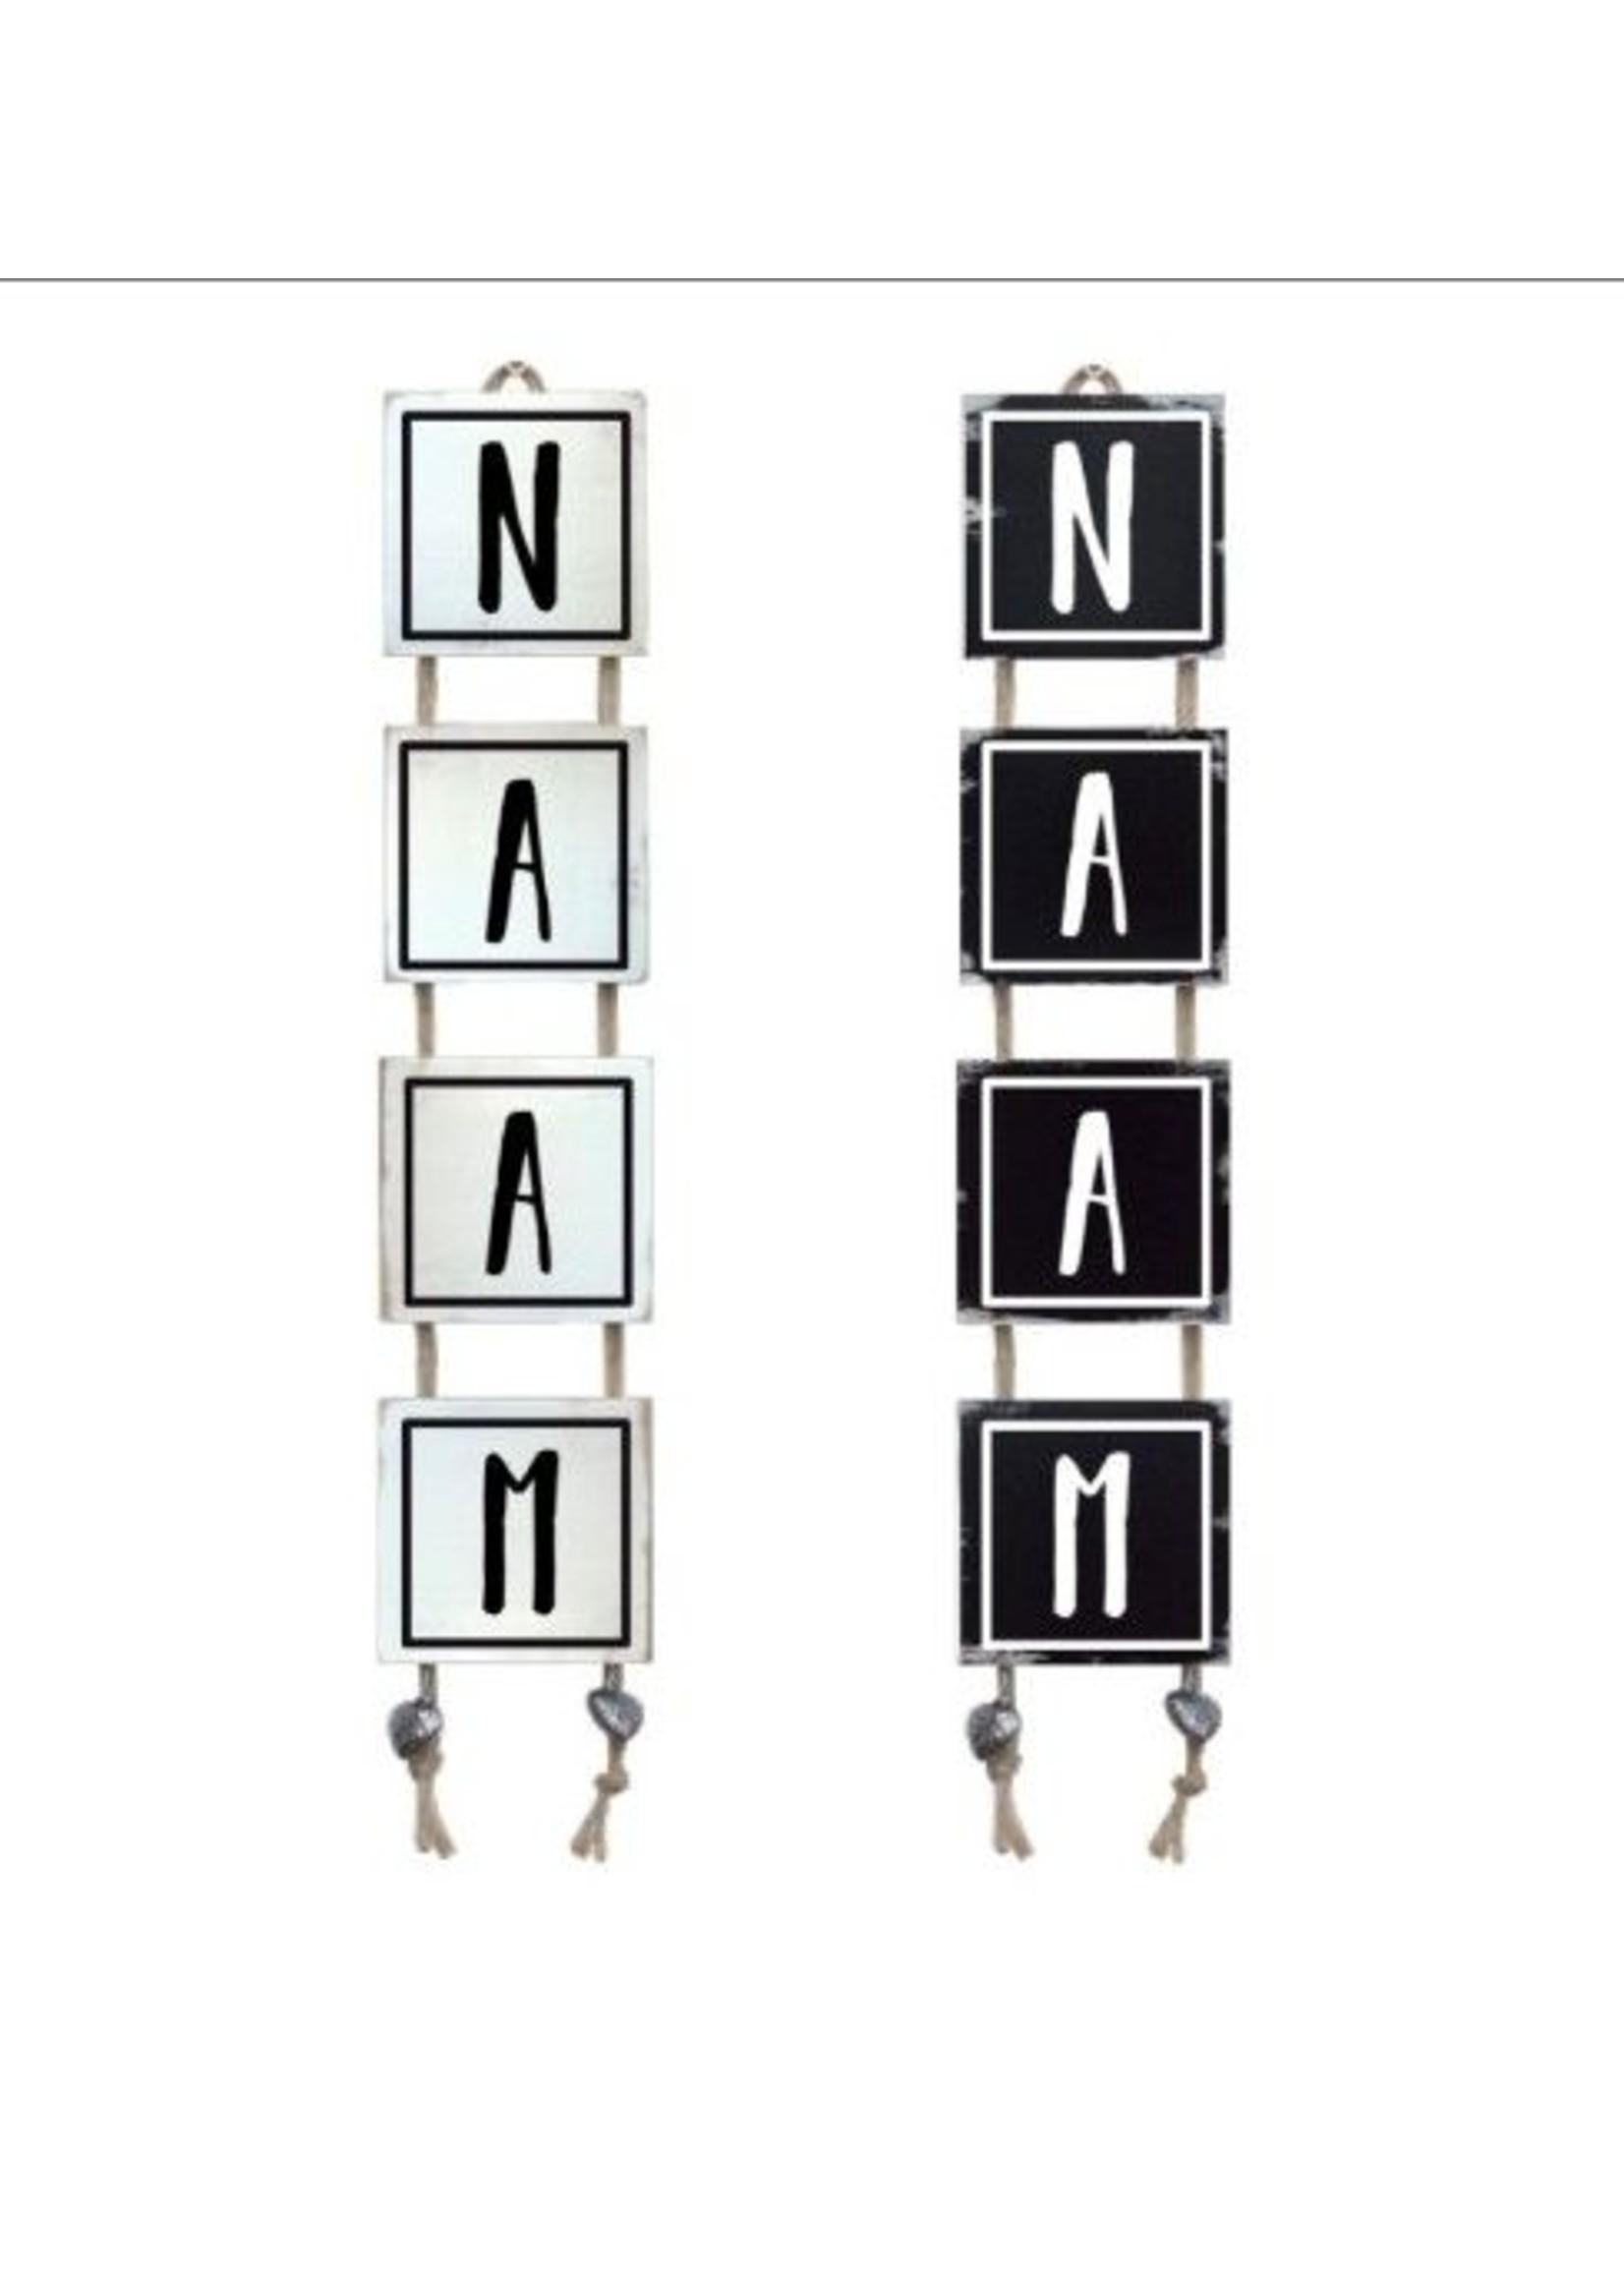 Naamladder zwart/wit